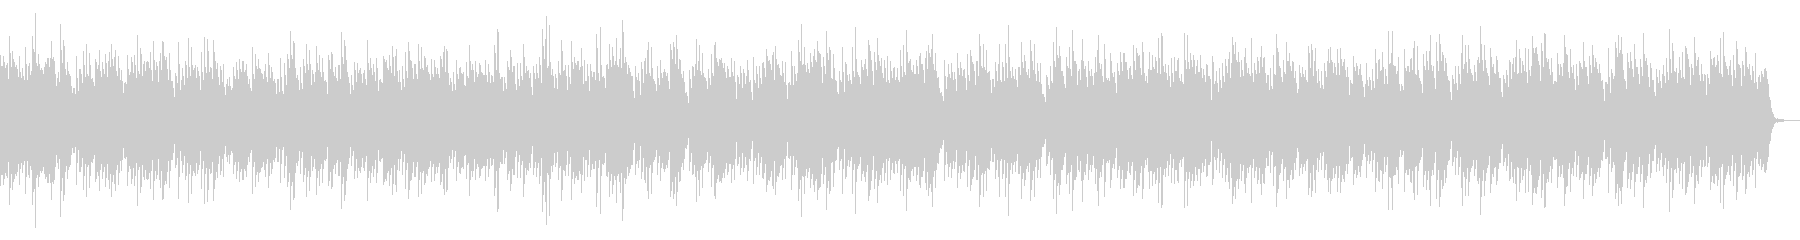 リズミカルなピアノ曲の未再生の波形